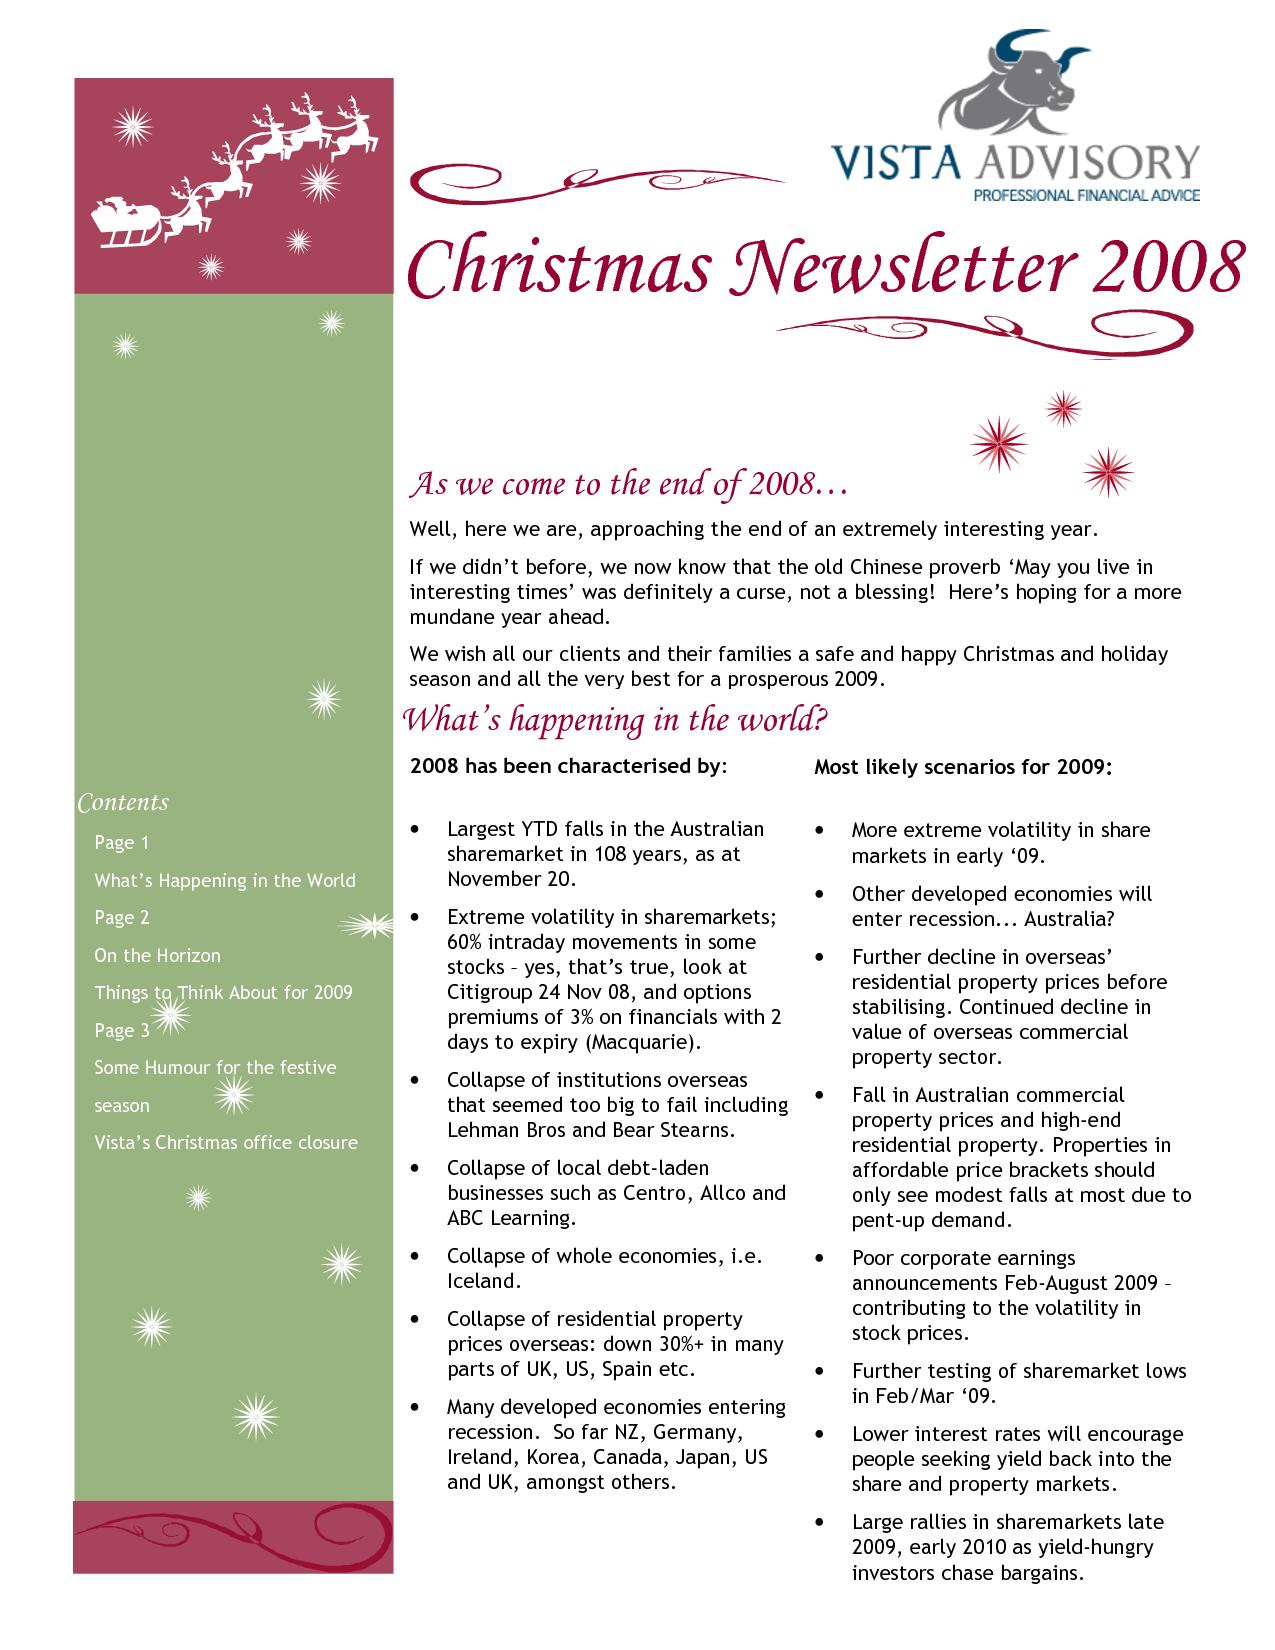 Christmas Family Newsletter Examples Christmas lettering